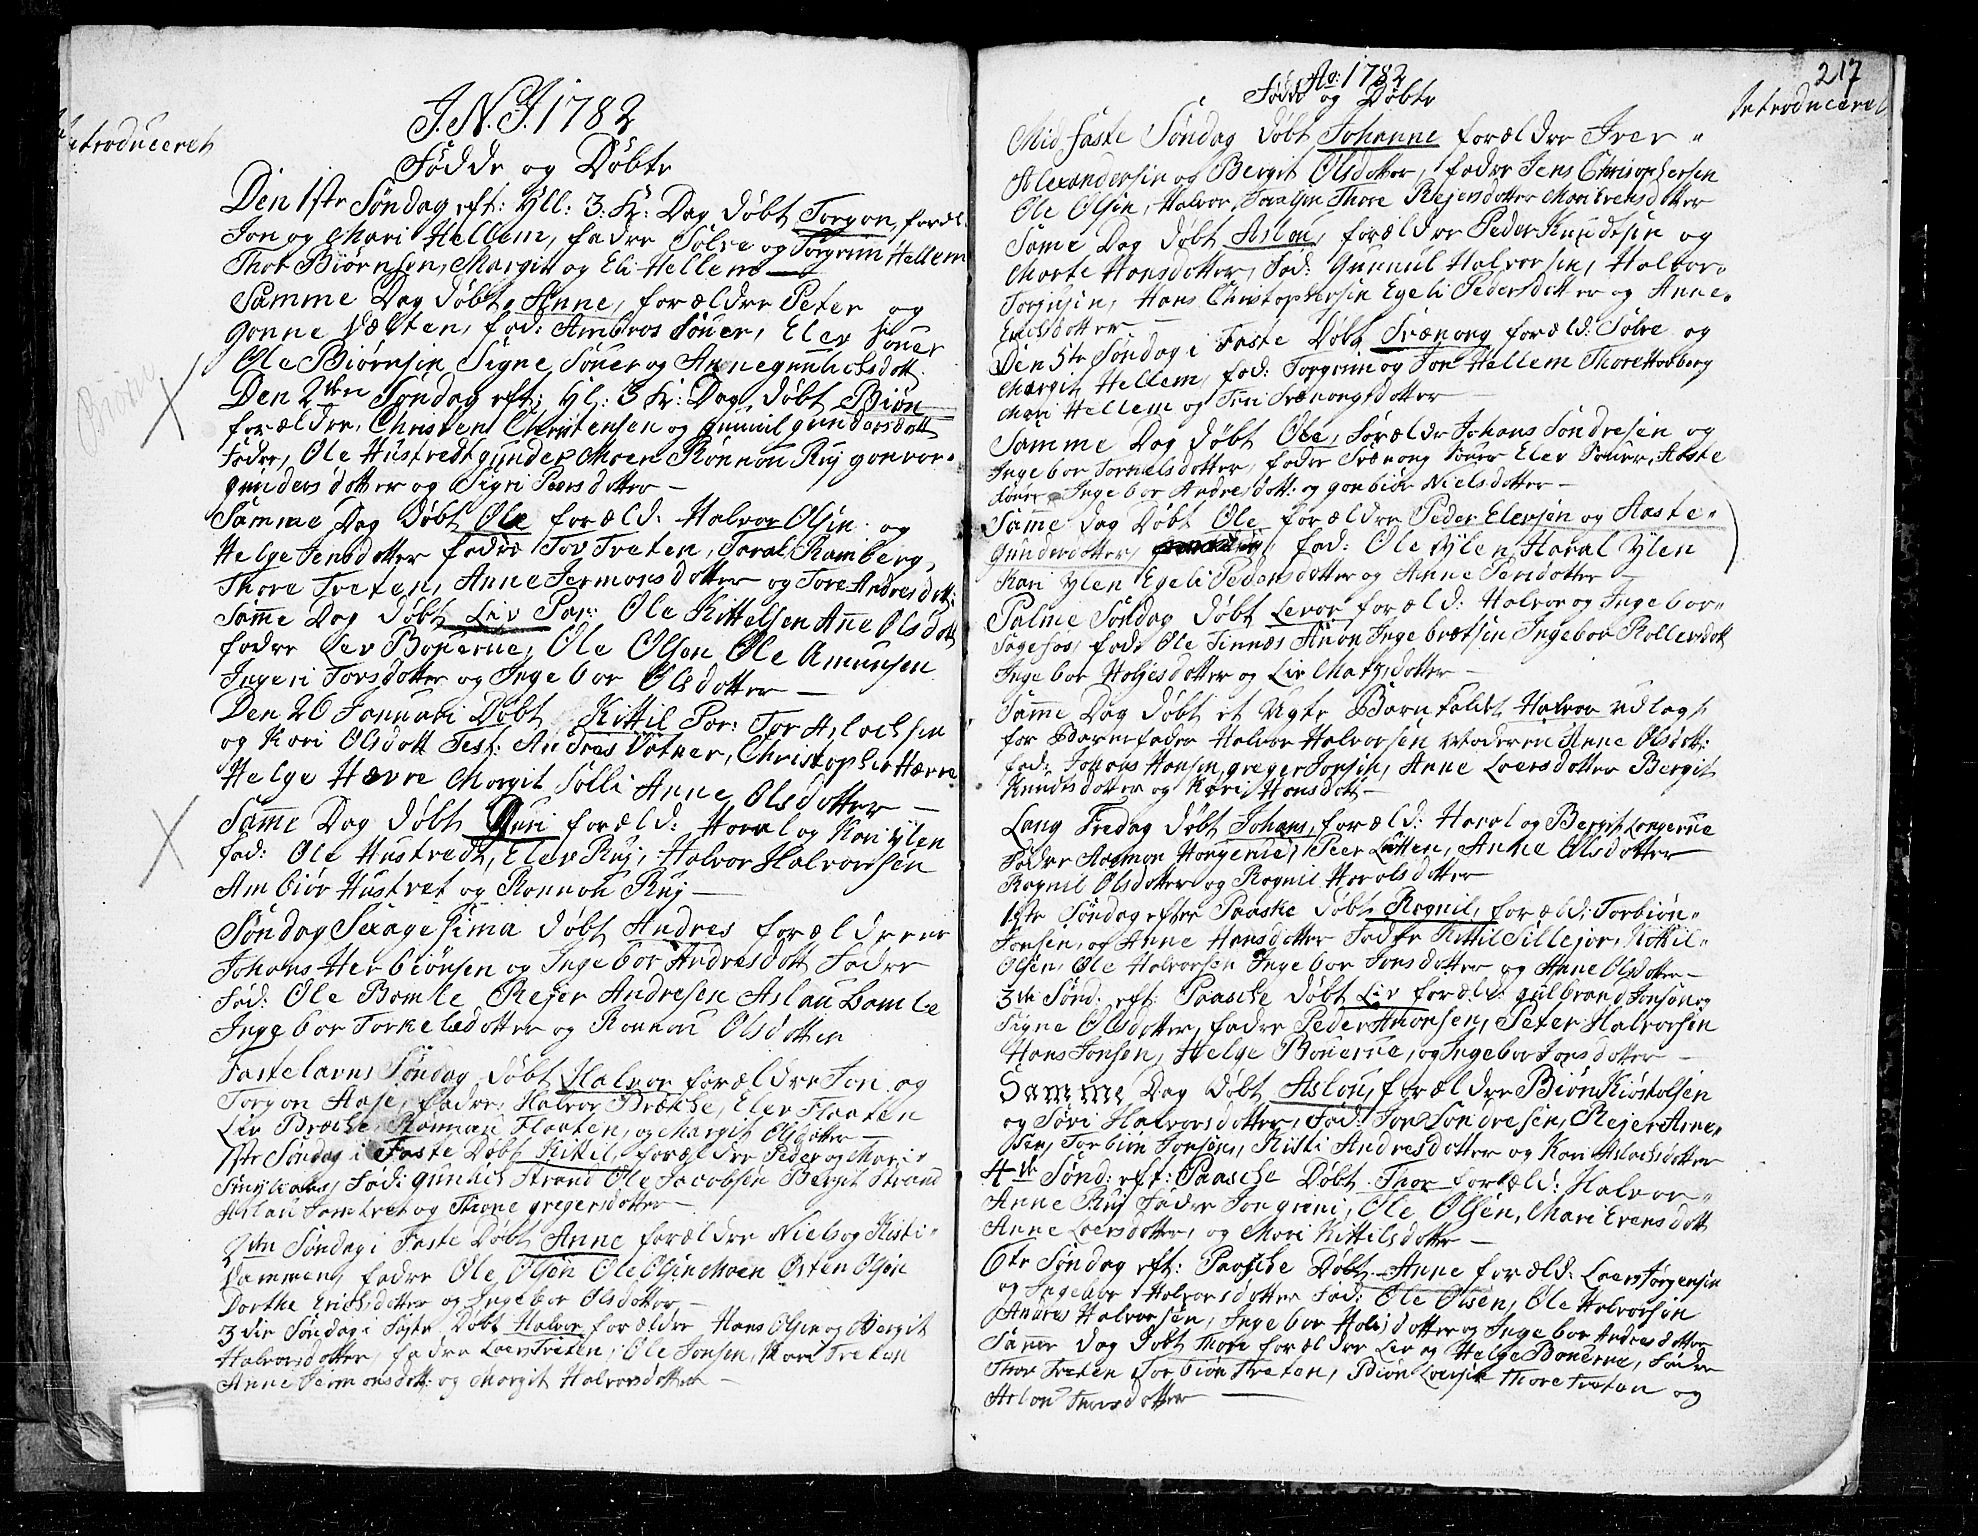 SAKO, Heddal kirkebøker, F/Fa/L0003: Ministerialbok nr. I 3, 1723-1783, s. 217